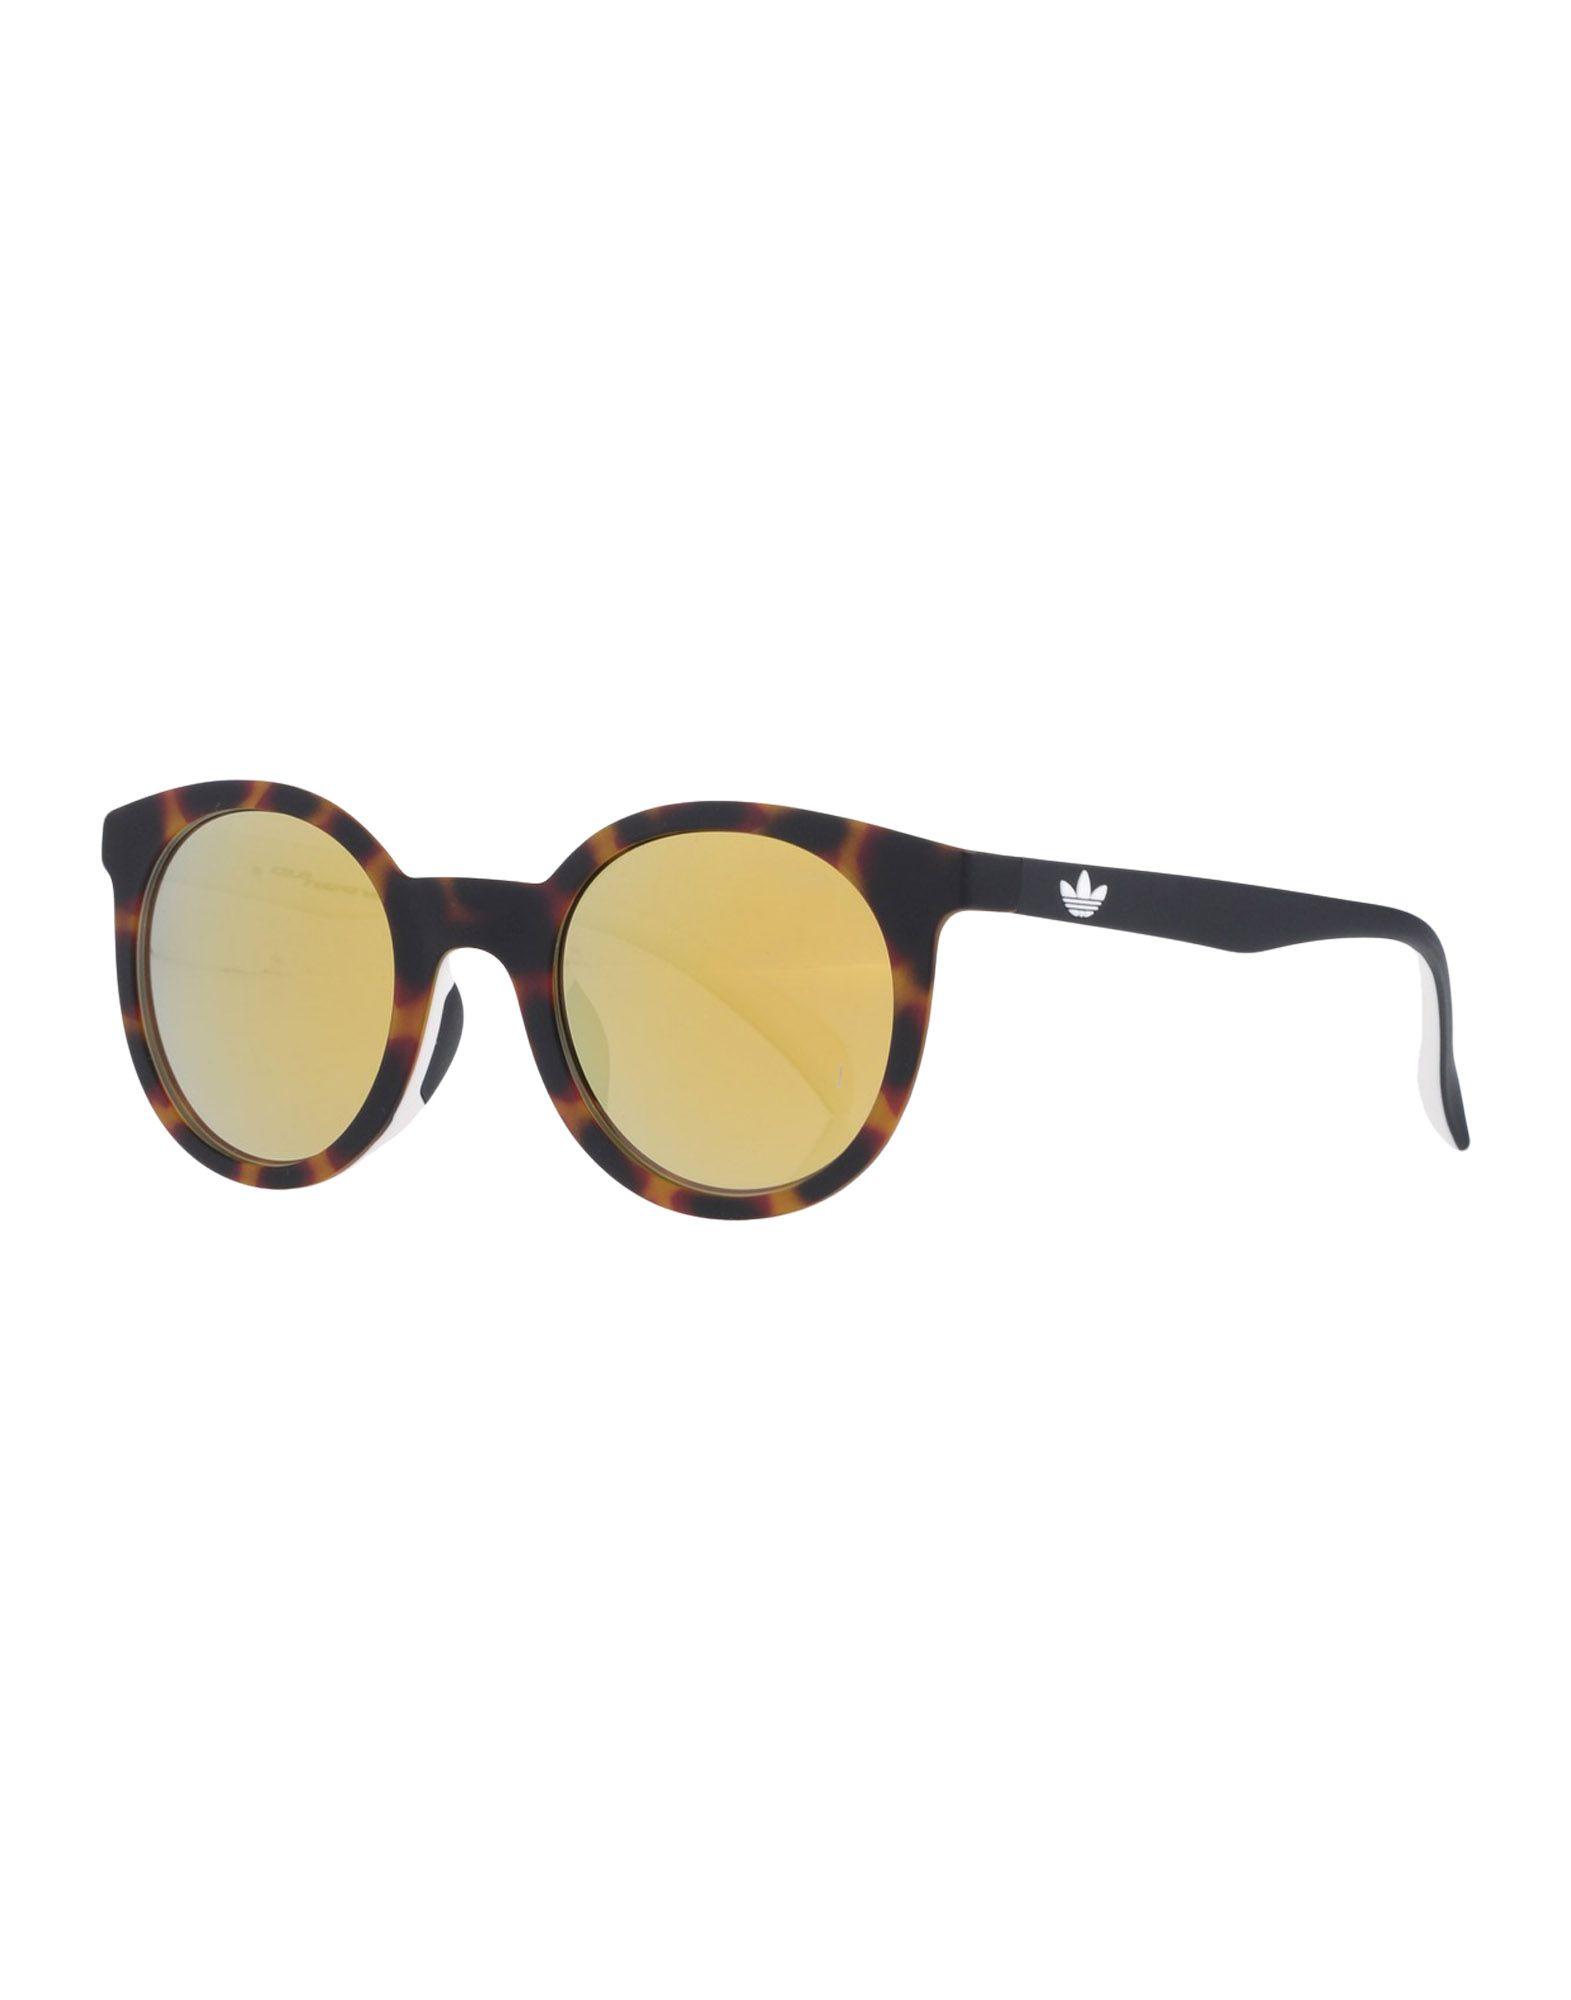 ADIDAS ORIGINALS by ITALIA INDEPENDENT Солнечные очки бусы из янтаря солнечные дни